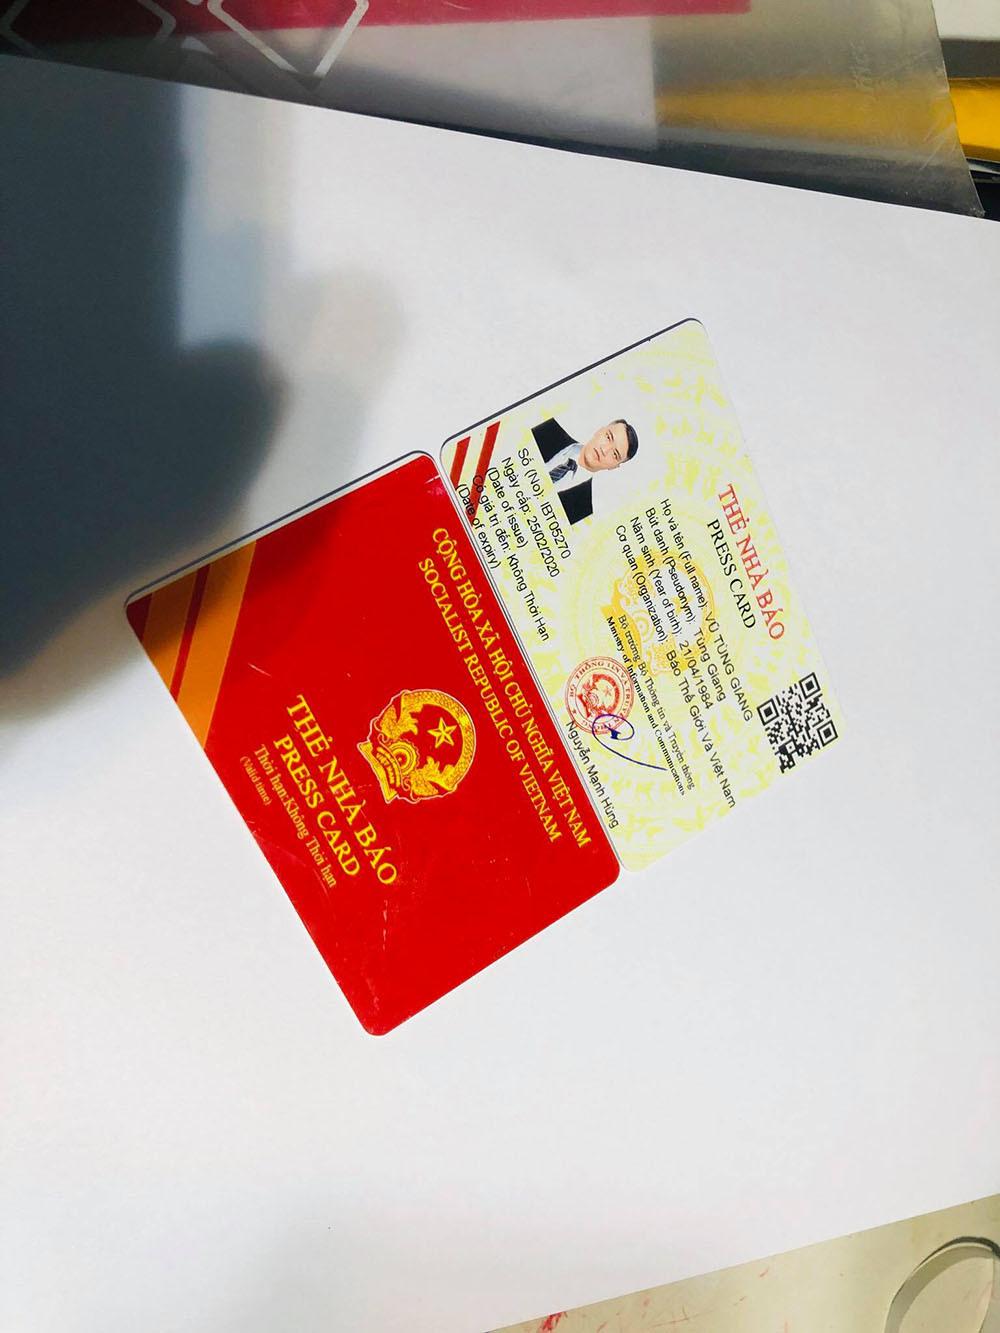 Thẻ nhà báo như thật được thu giữ